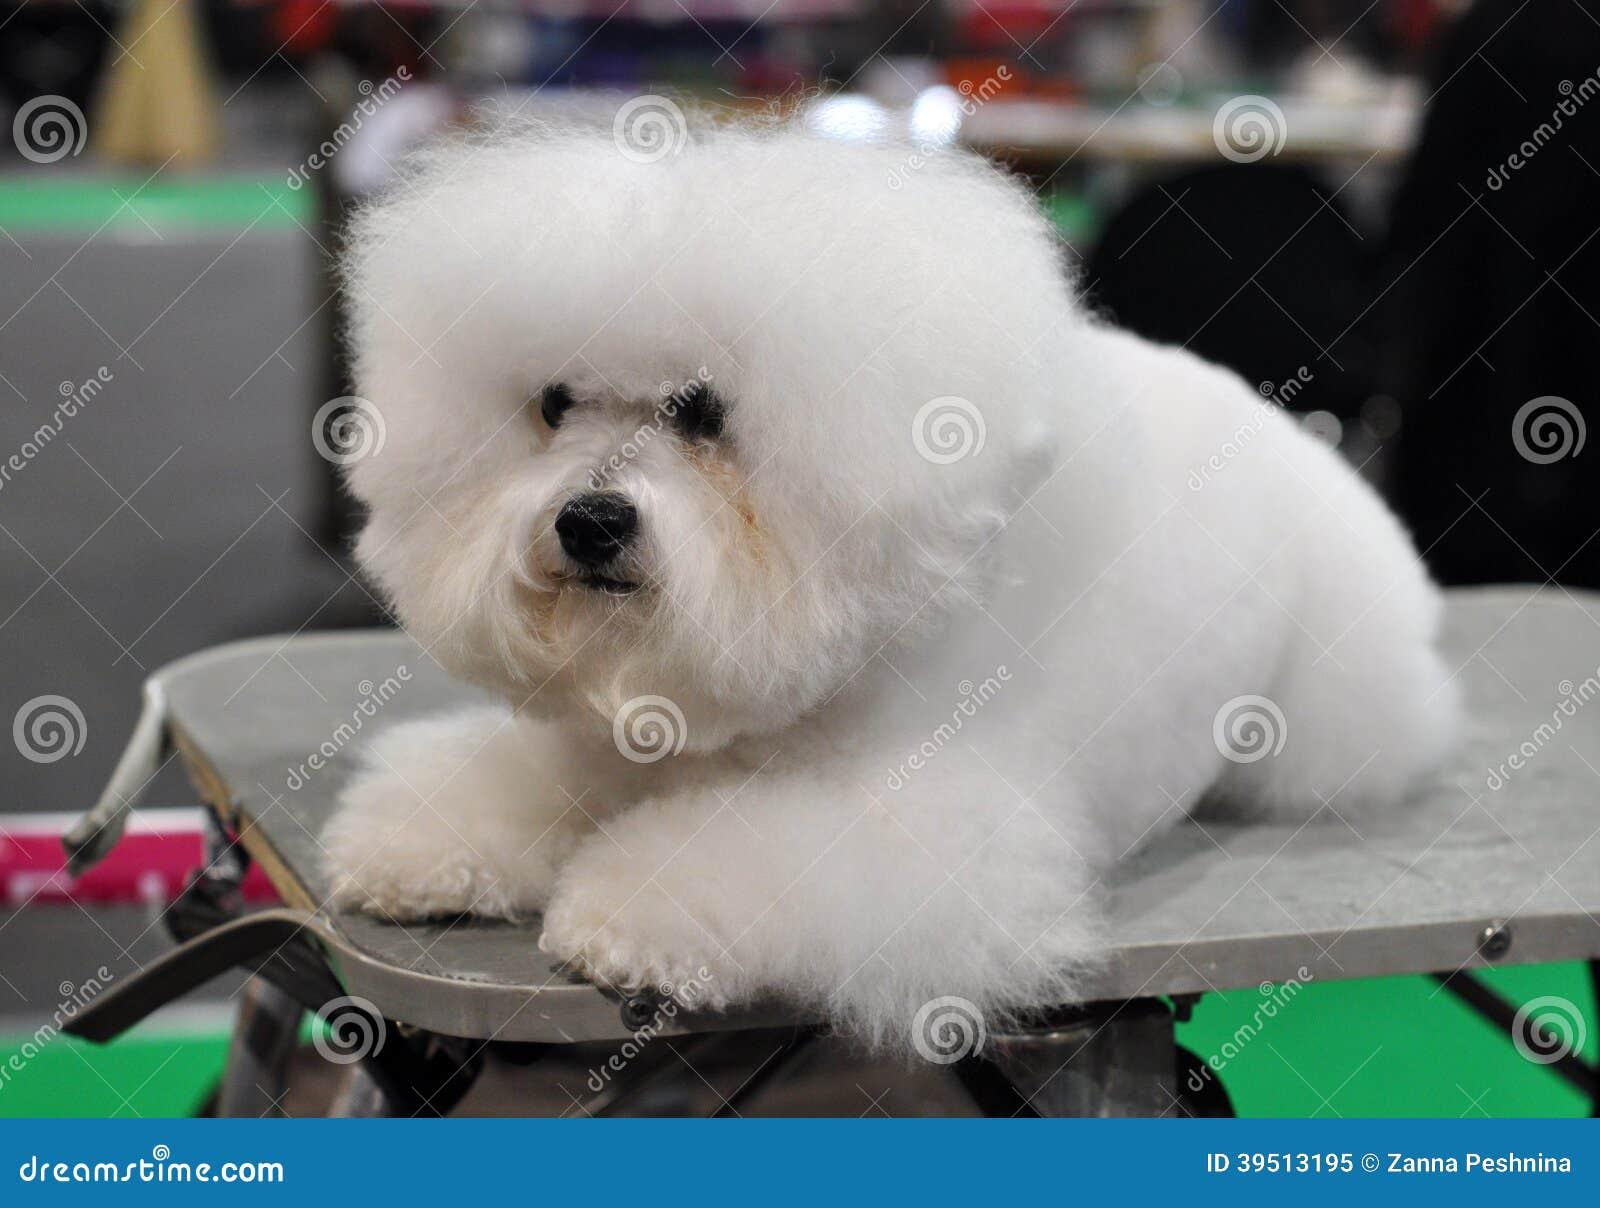 Witte pluizige hond Bichon Frise